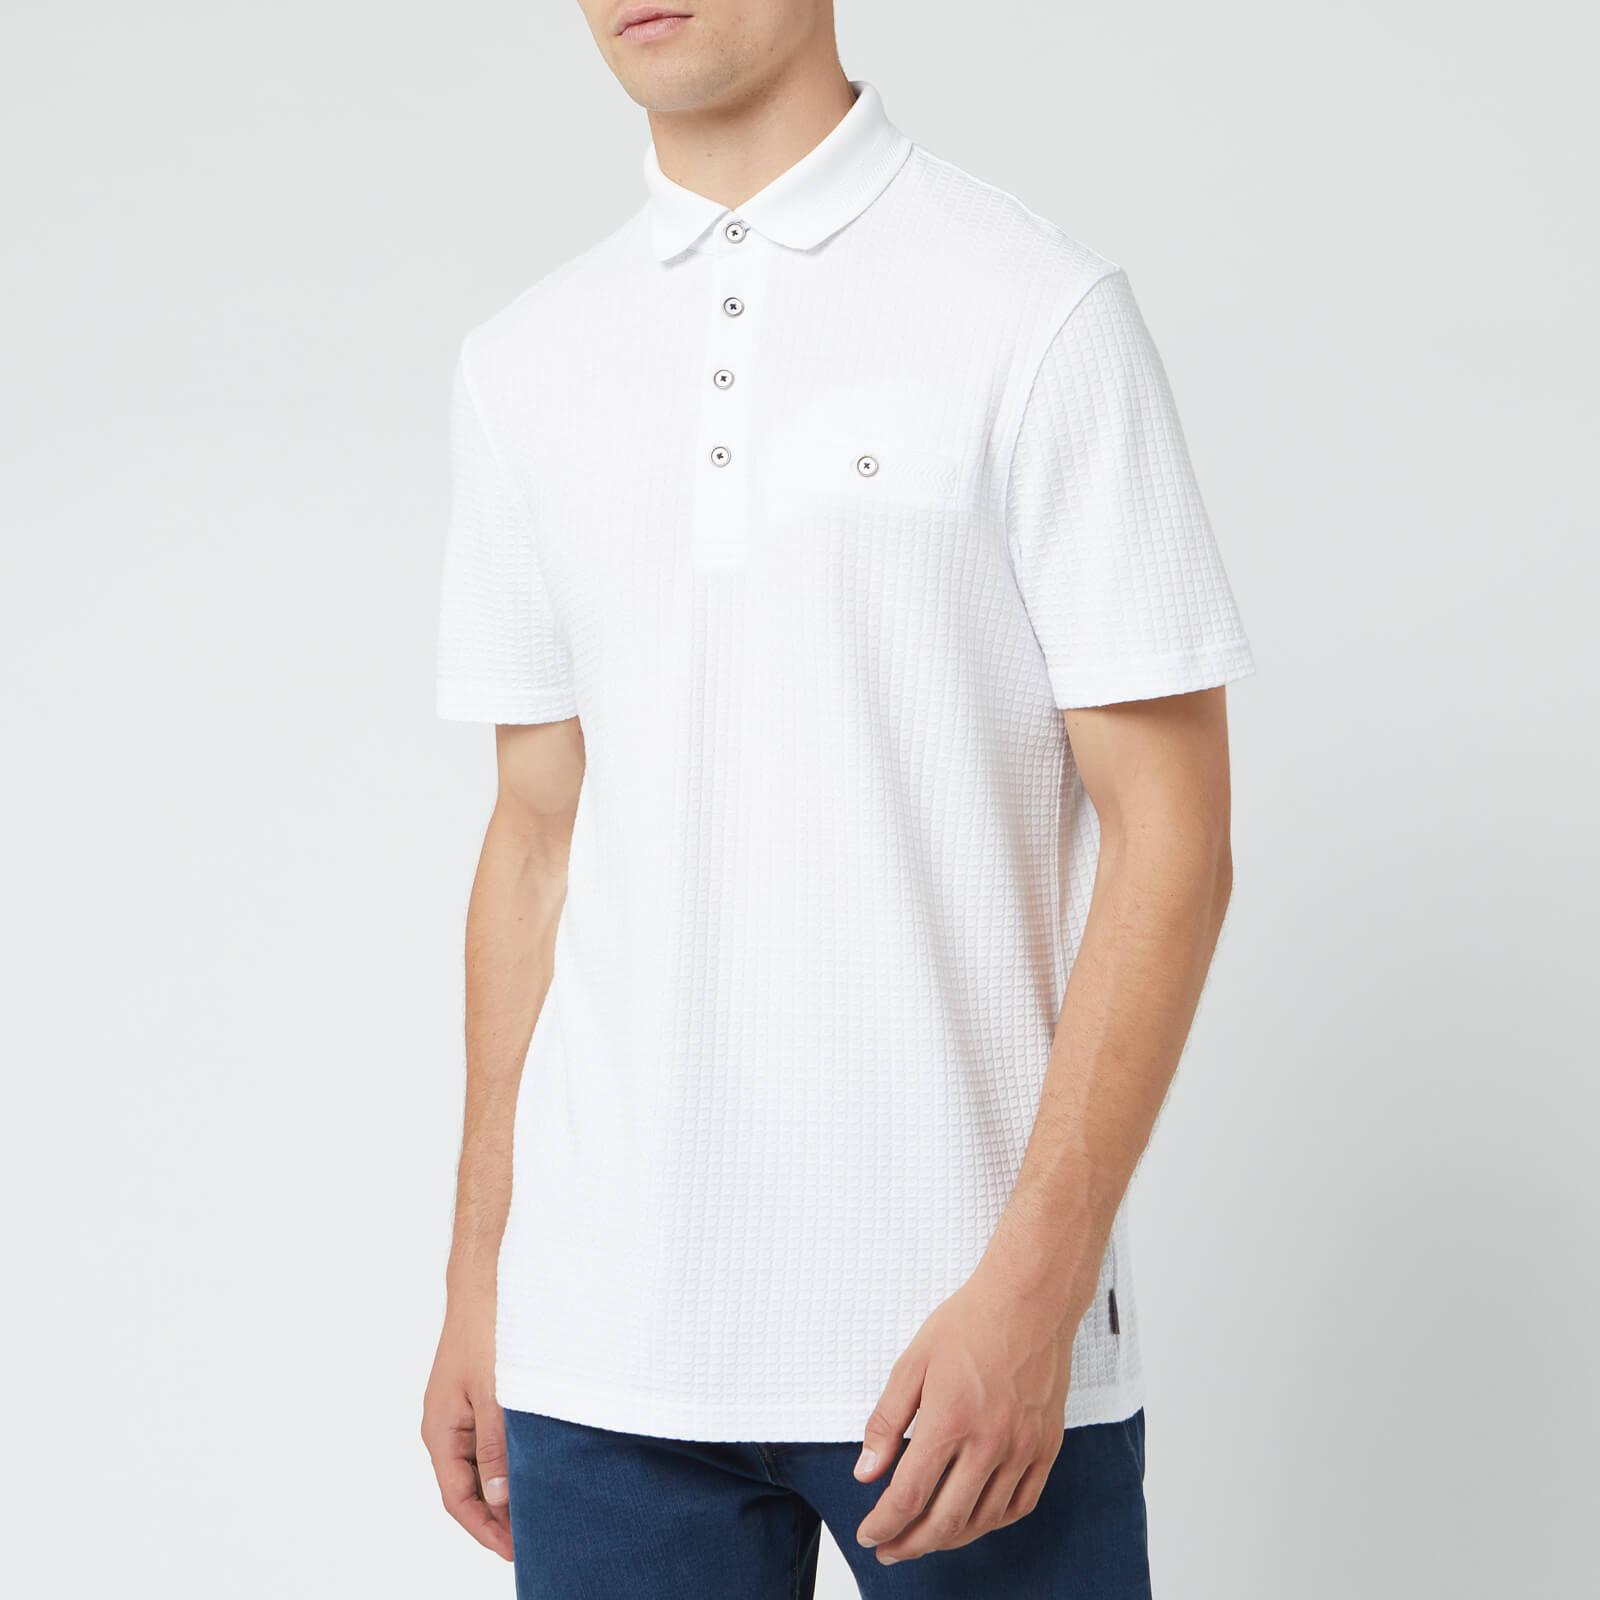 Ted Baker Men's Textured Polo Shirt - White - M/3